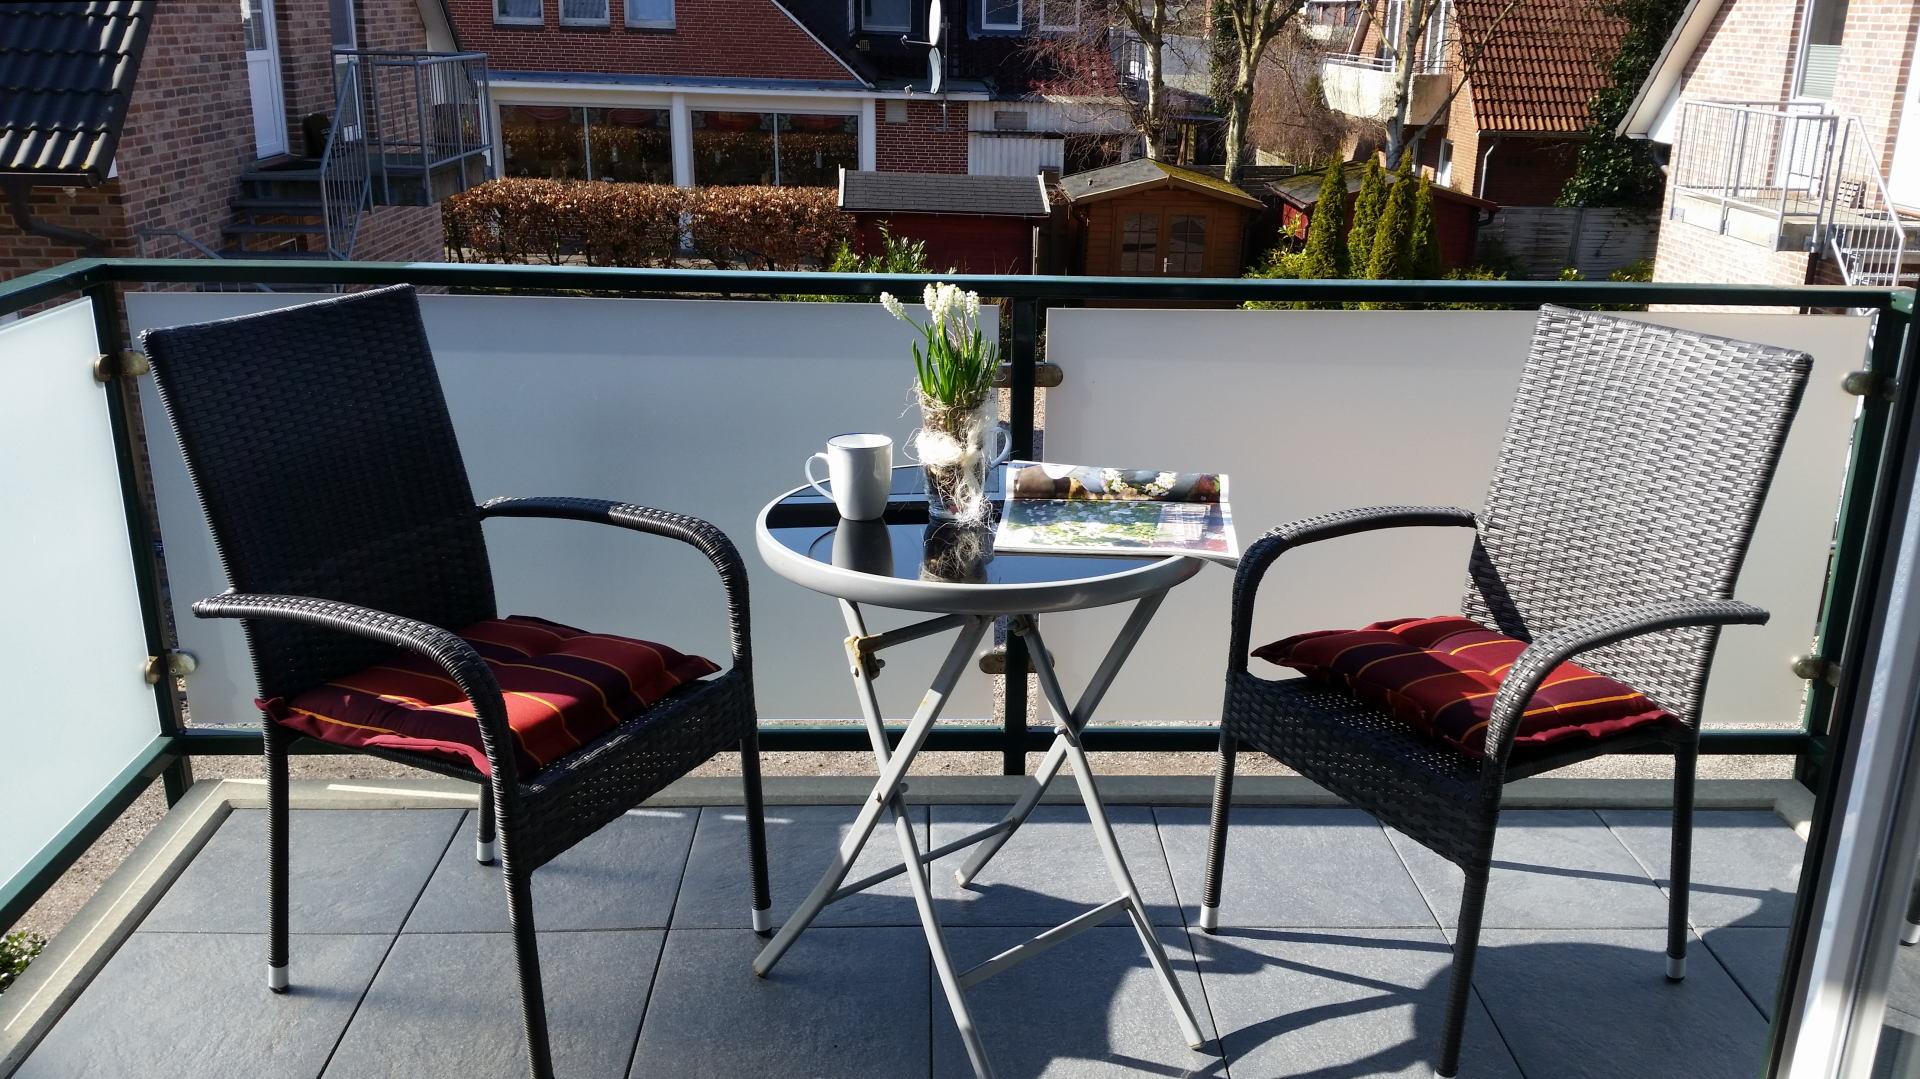 meeresgruss_2_balkon